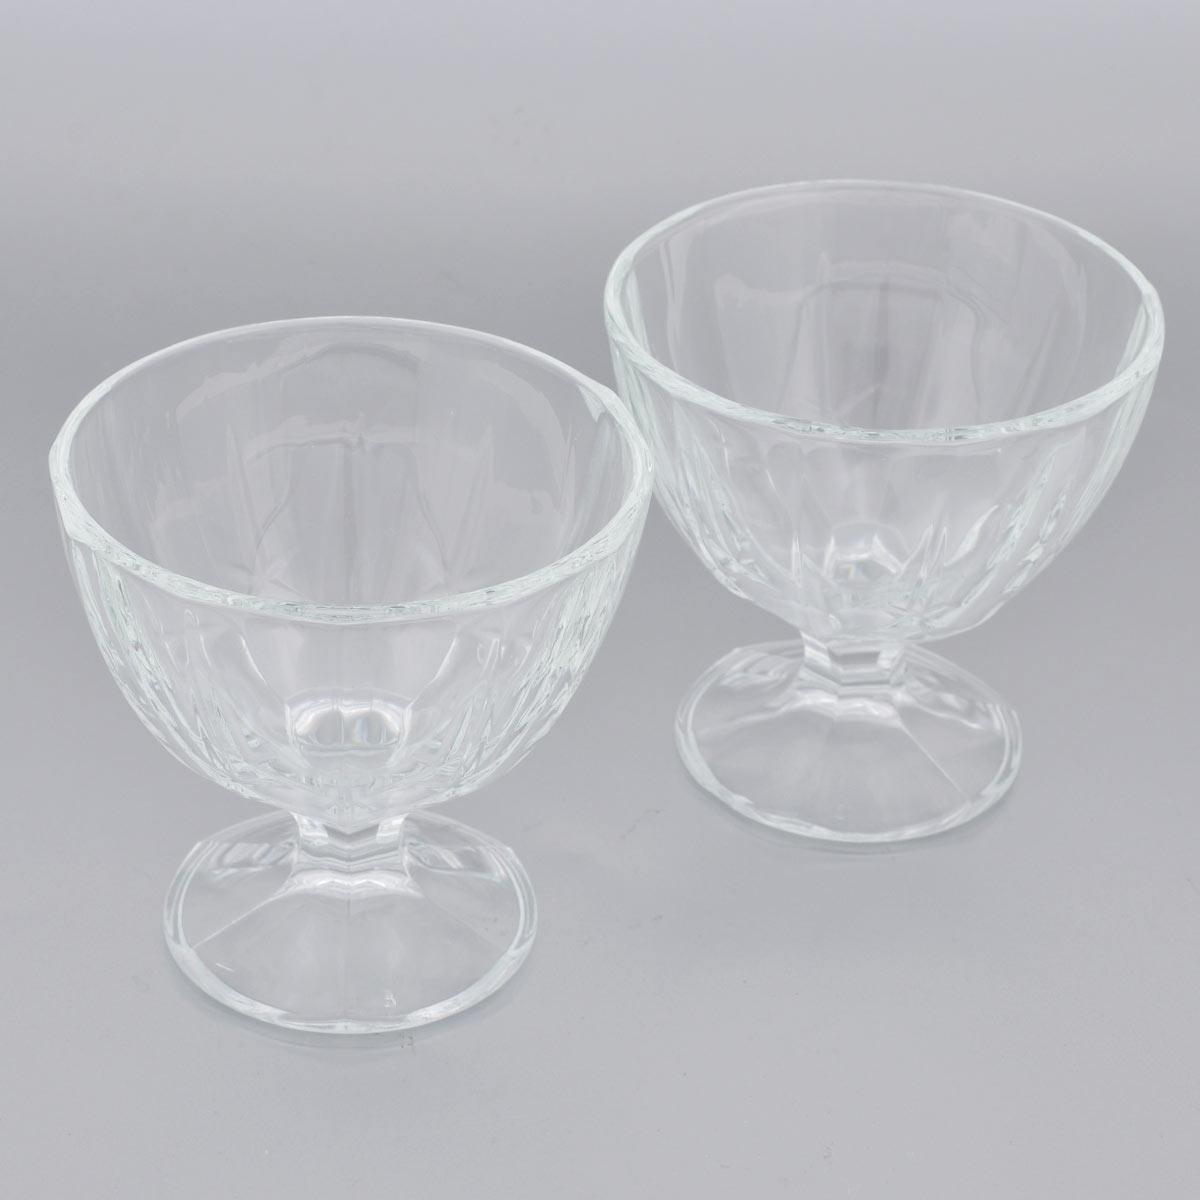 Набор креманок Luminarc Мальдивы, 300 мл, 2 штL1020Набор Luminarc Мальдивы состоит из 2 креманок, которые изготовлены из ударопрочного прозрачного стекла и декорированы рельефным рисунком. Набор выполнен в оригинальном элегантном дизайне. Изделия предназначены для красивой сервировки холодных напитков и блюд. Такой набор может стать отличным подарком к любому празднику. Диаметр креманки ( по верхнему краю): 10 см. Высота креманки: 10 см. Диаметр основания: 6,8 см.